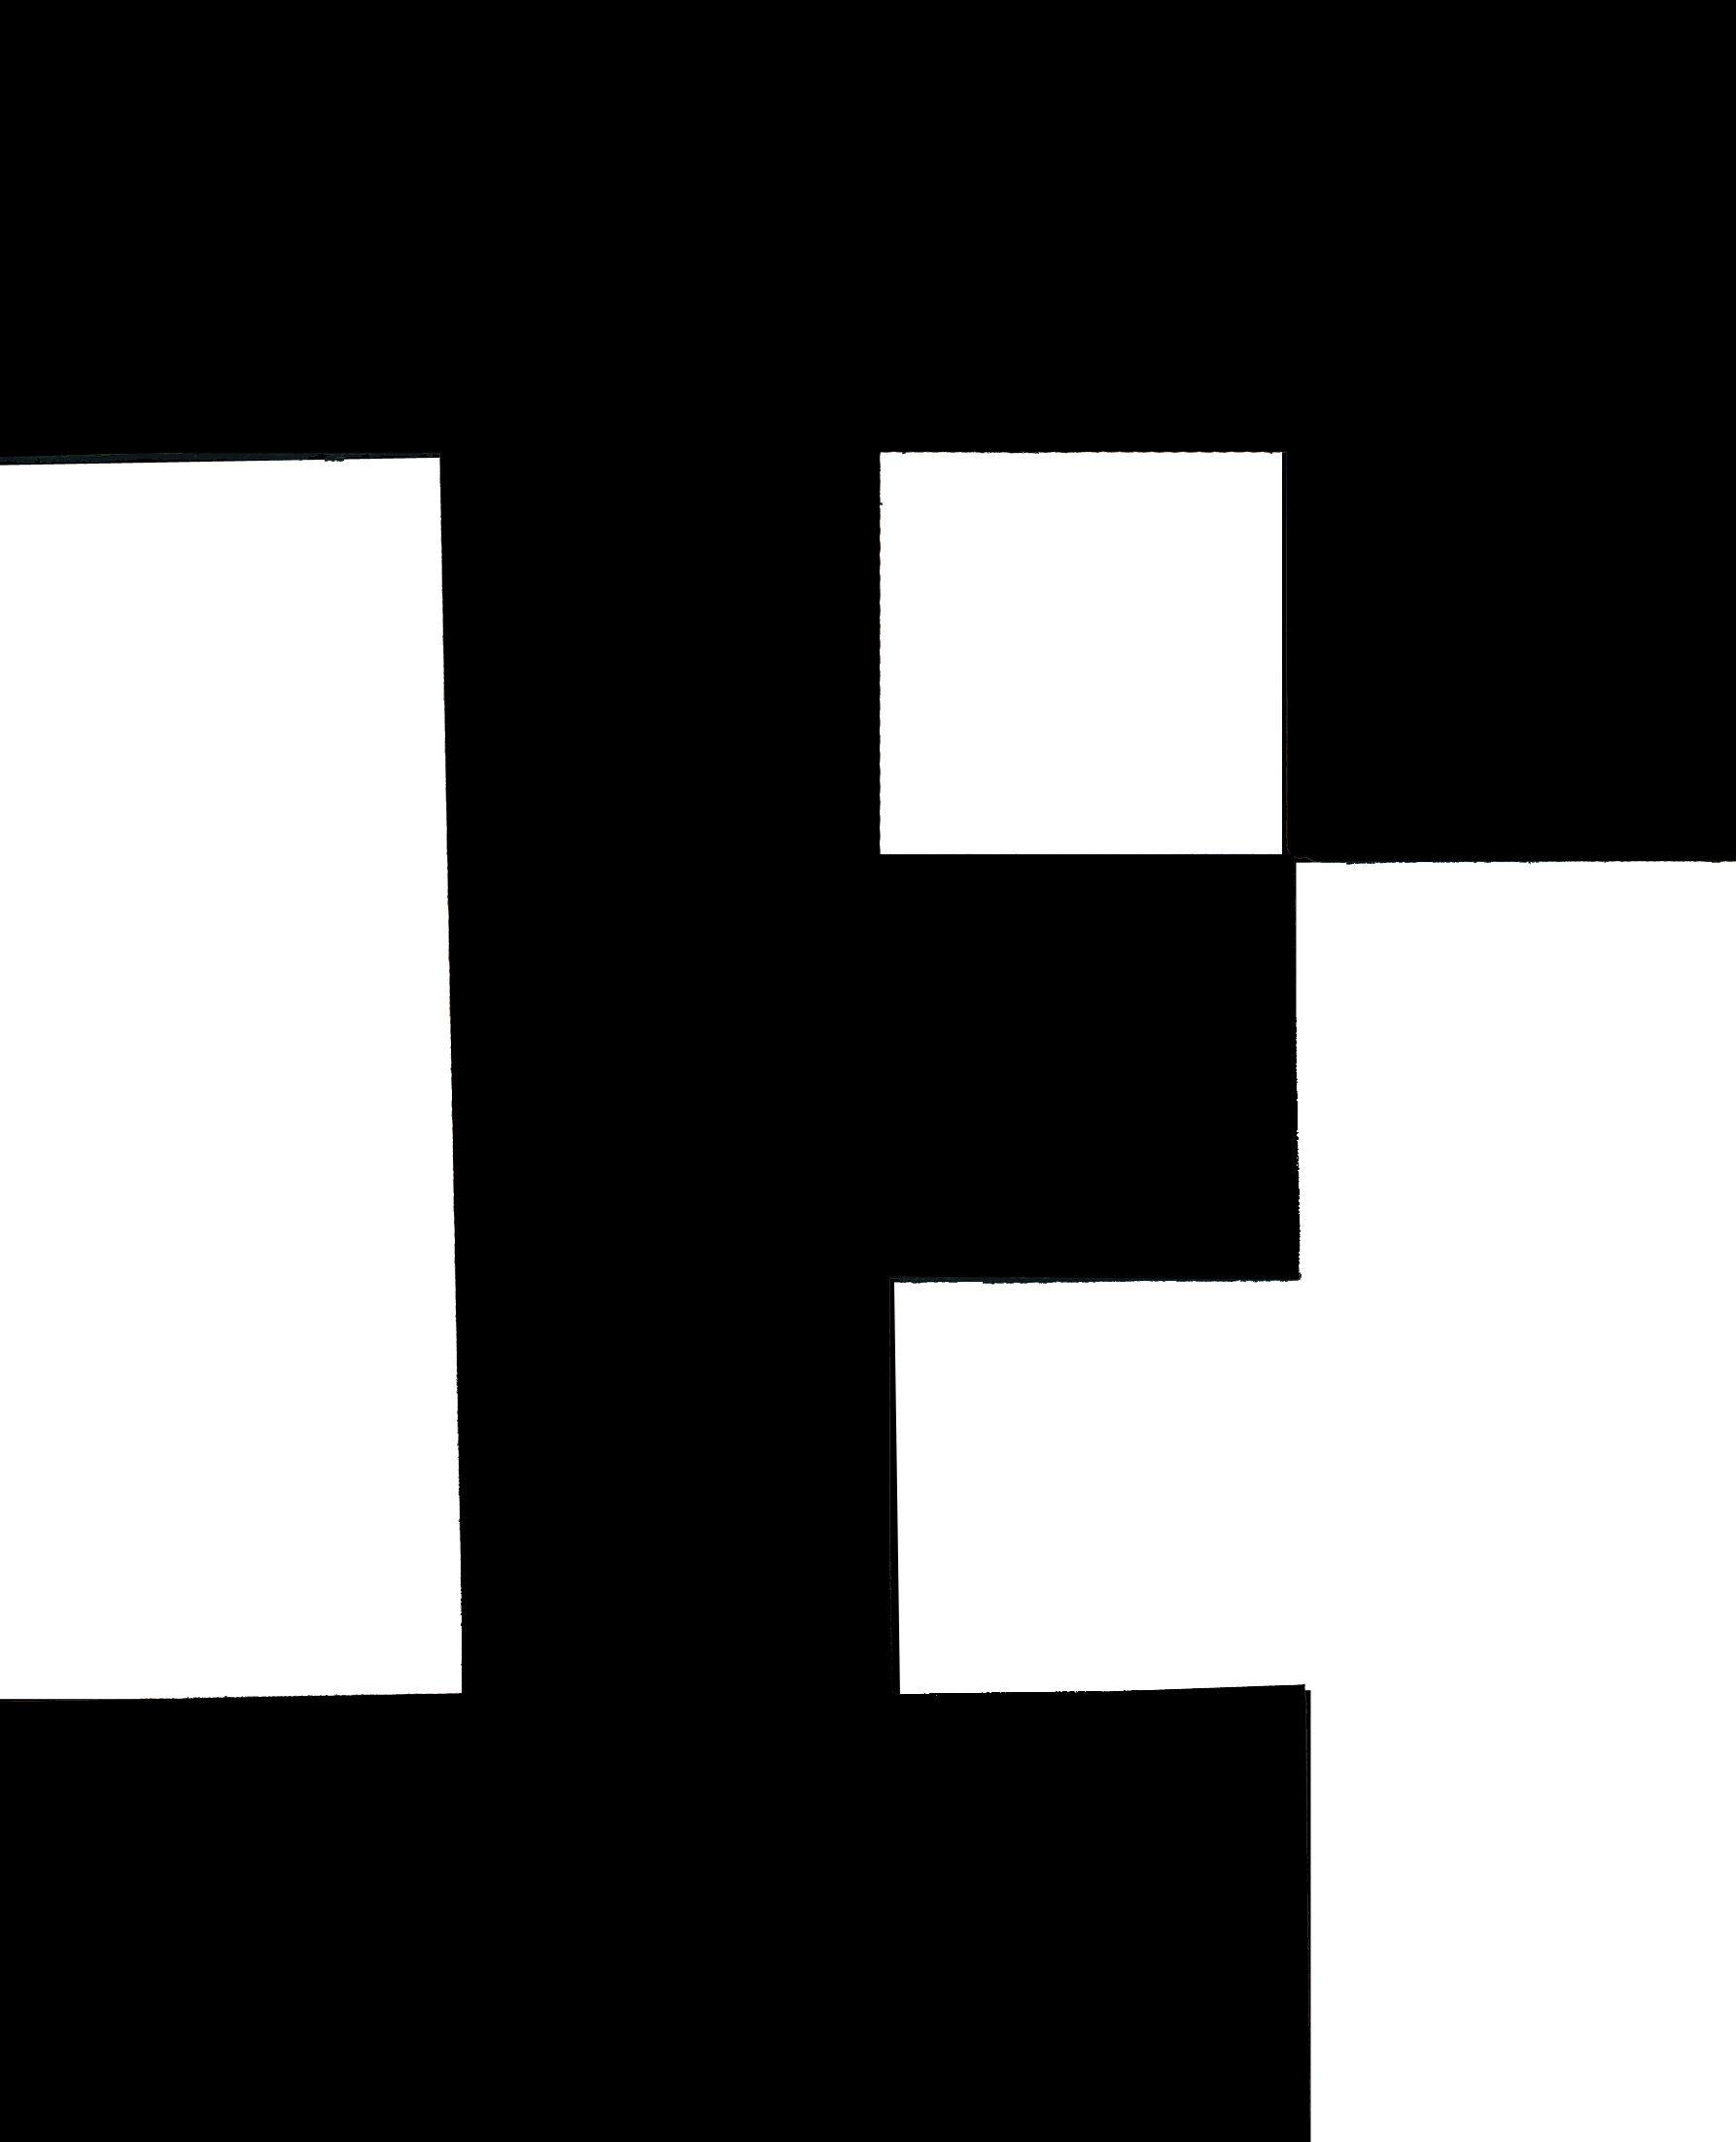 Flax logo, Danziger